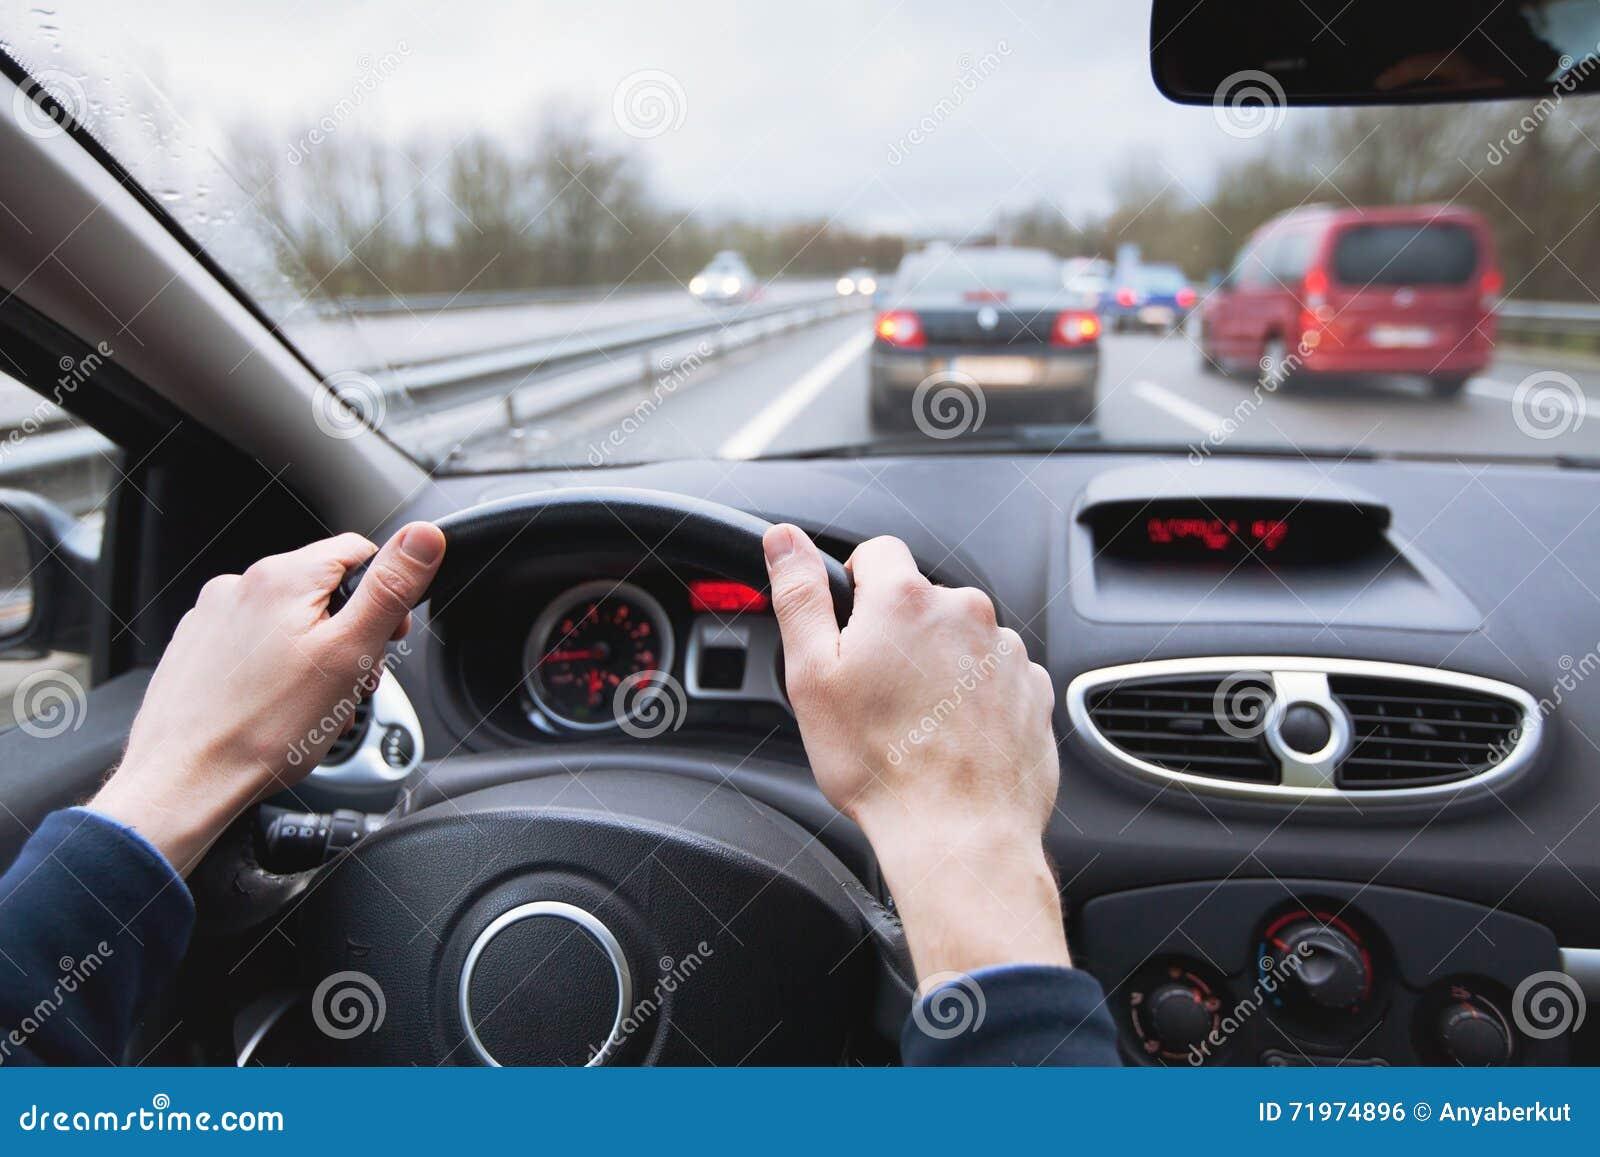 驾车高速公路